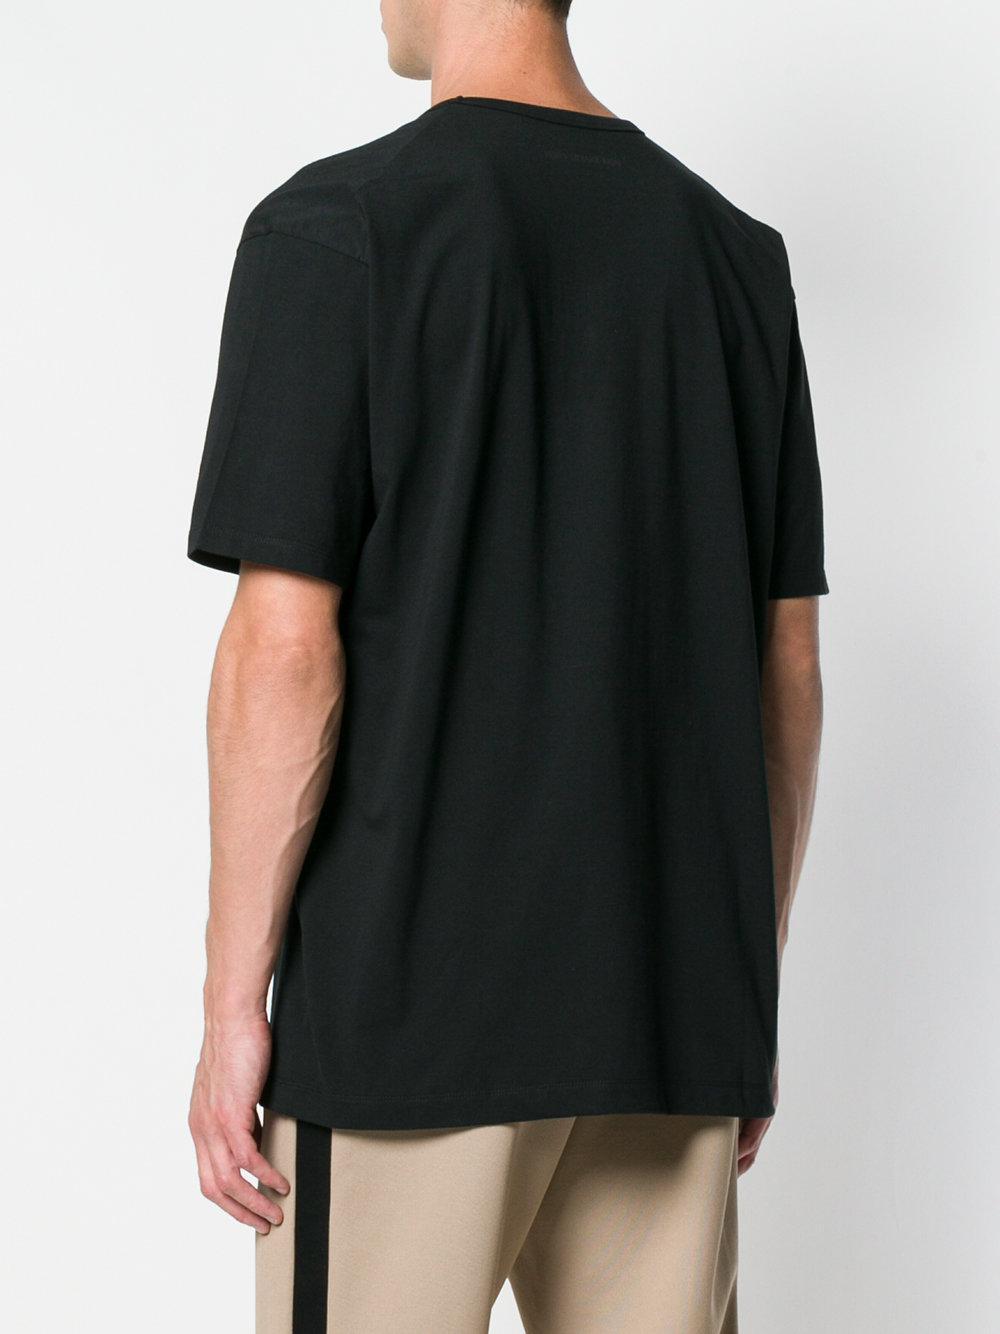 half sleeve tee - Black Issey Miyake Very Cheap Sale Online vgVHPTU9